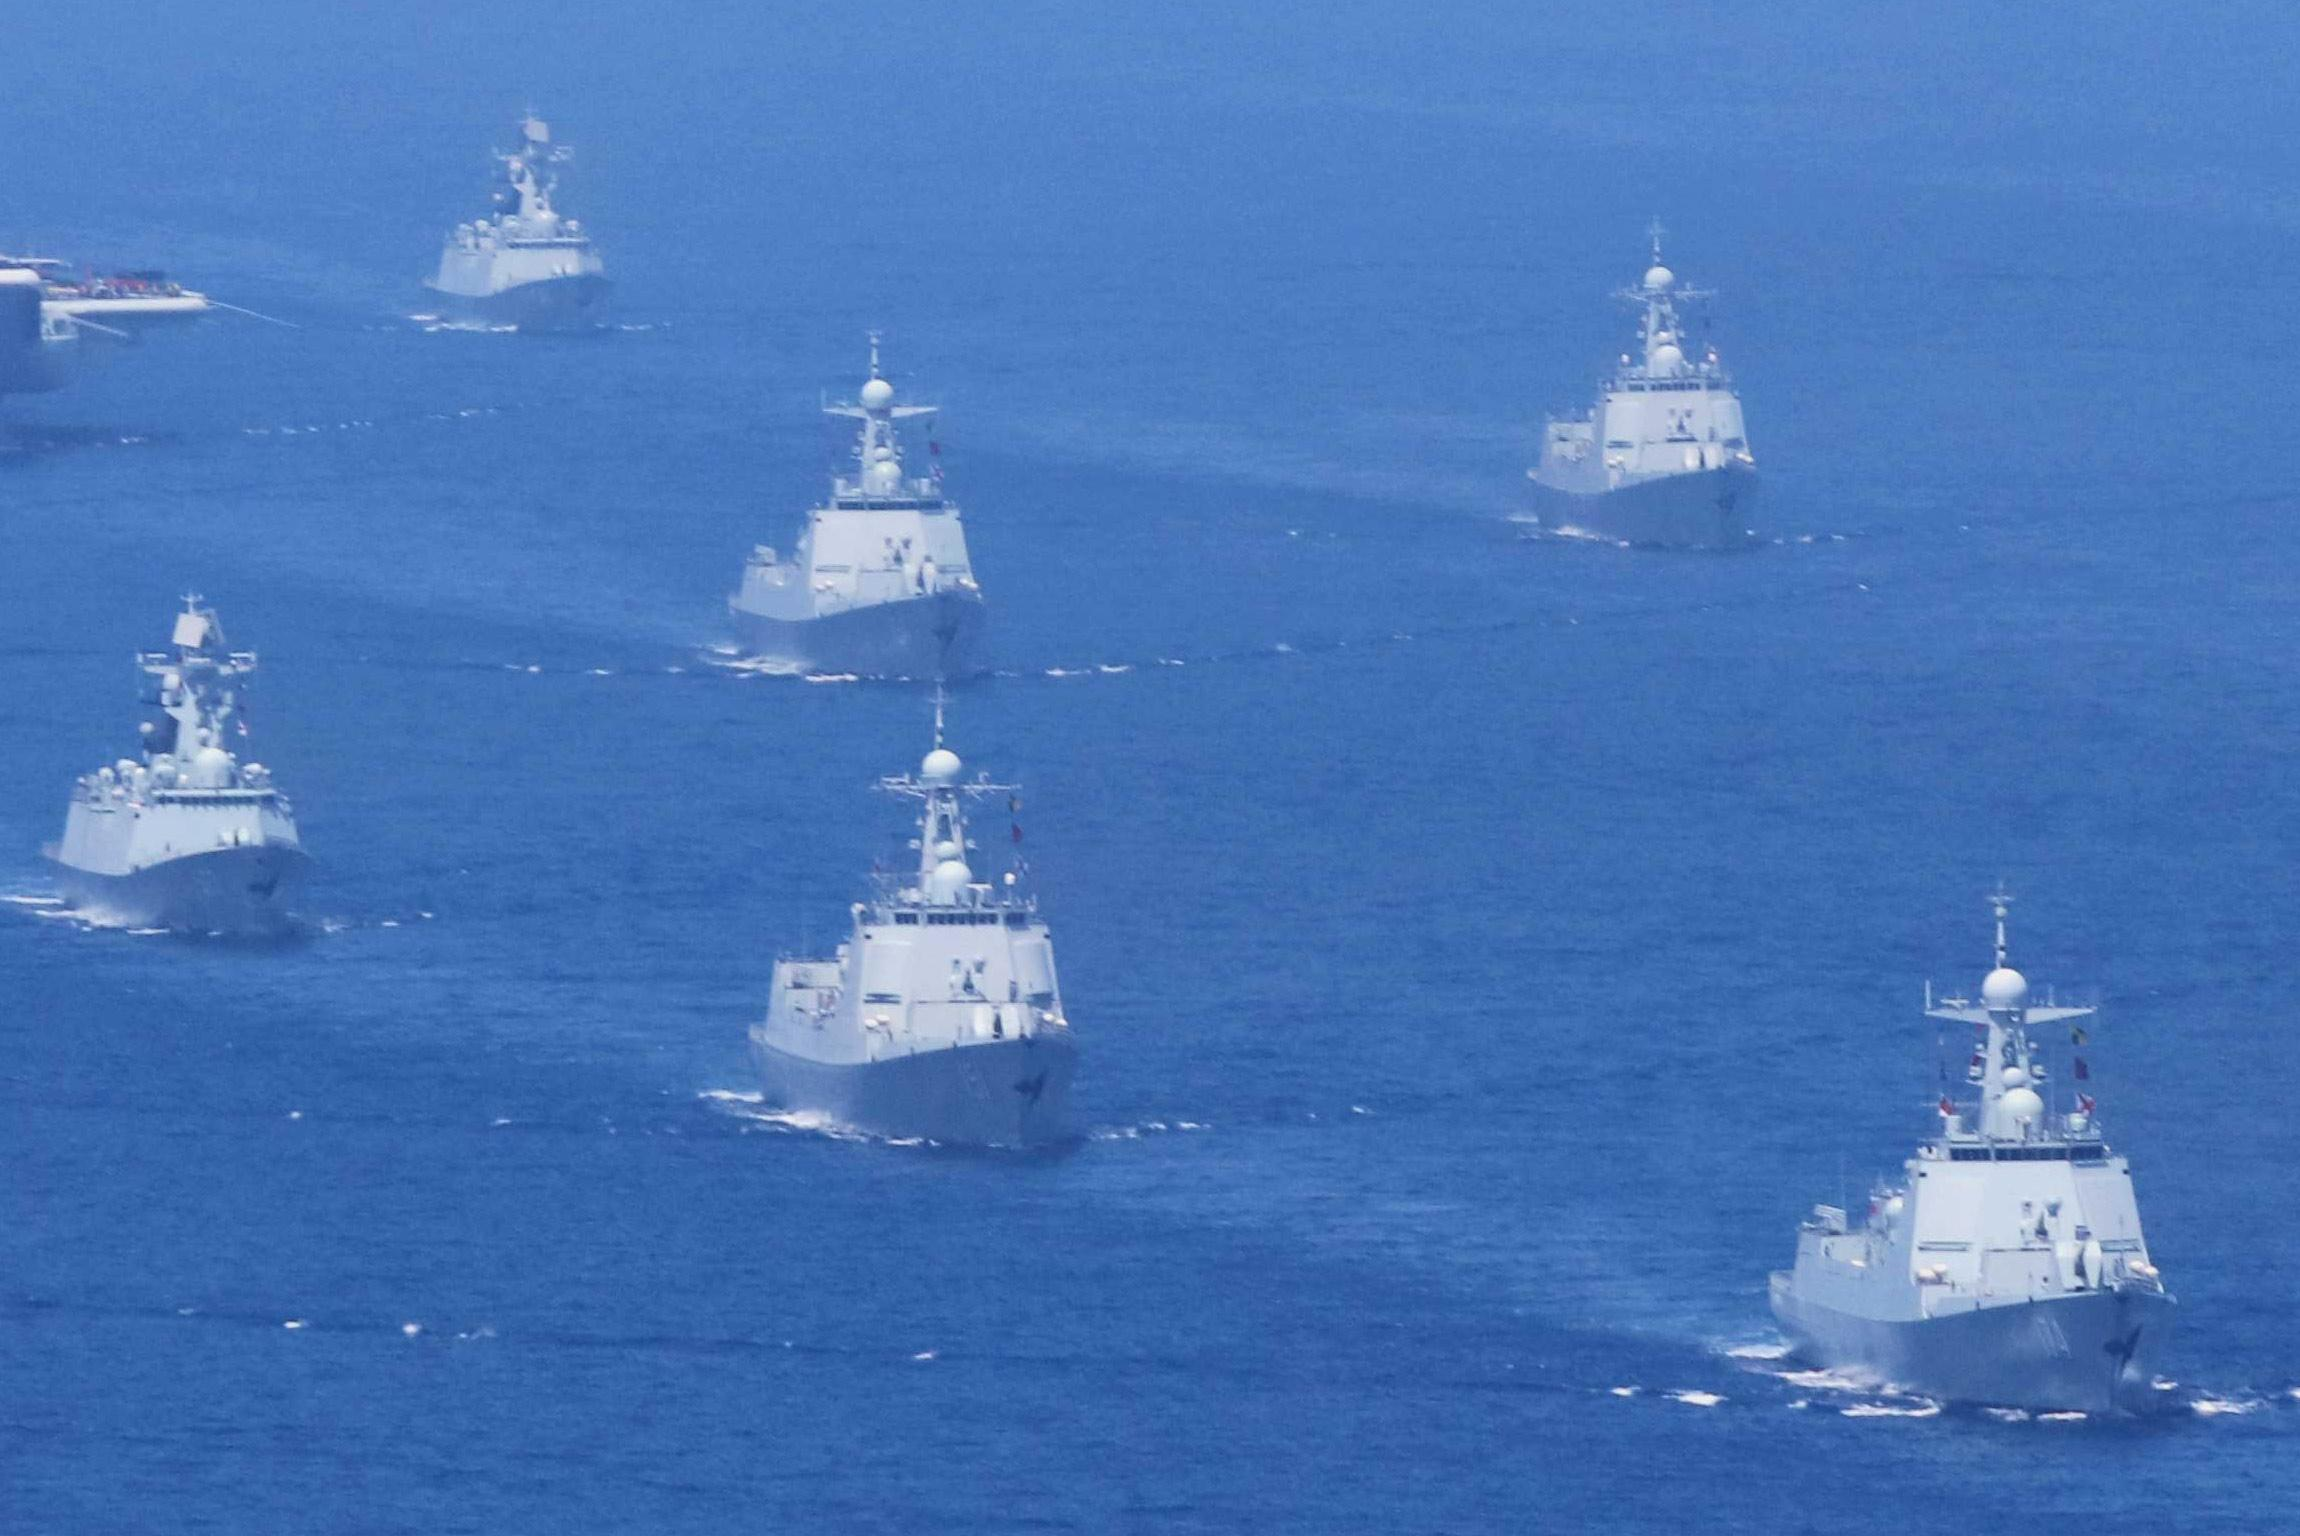 太尴尬:传台军阅舰式上水兵落水 军舰返港后才发现